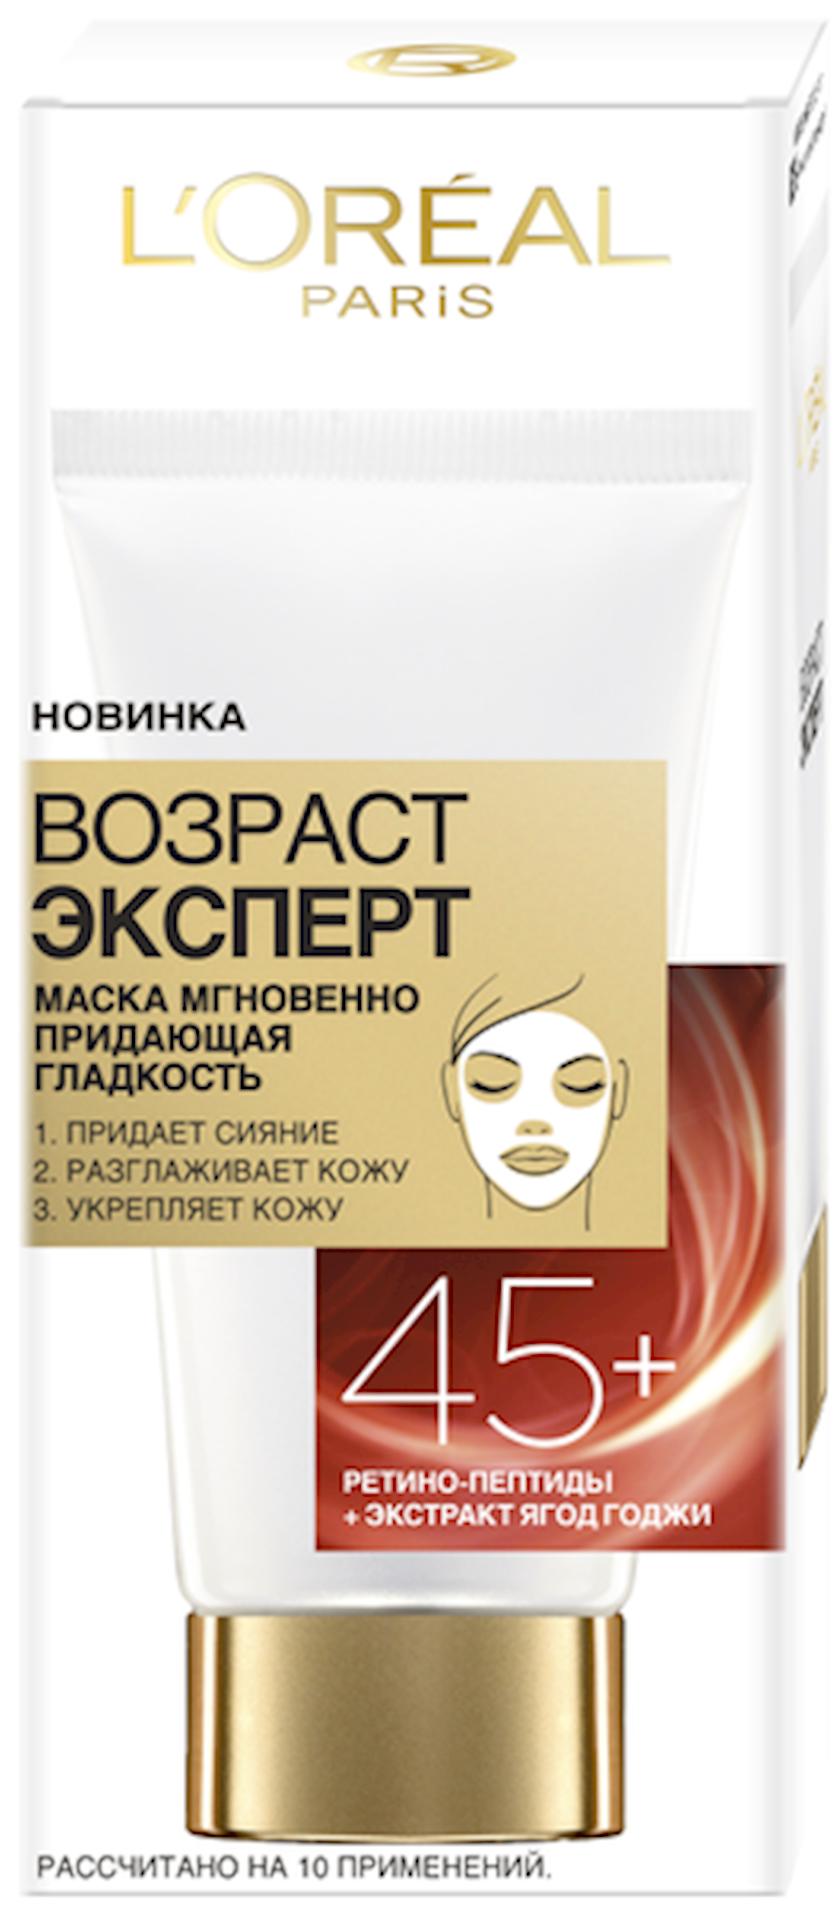 Маска L'Oréal Paris Skin Expert Yaş Ekspert bütün dəri tipləri üşün qulluq 45+, 50 ml